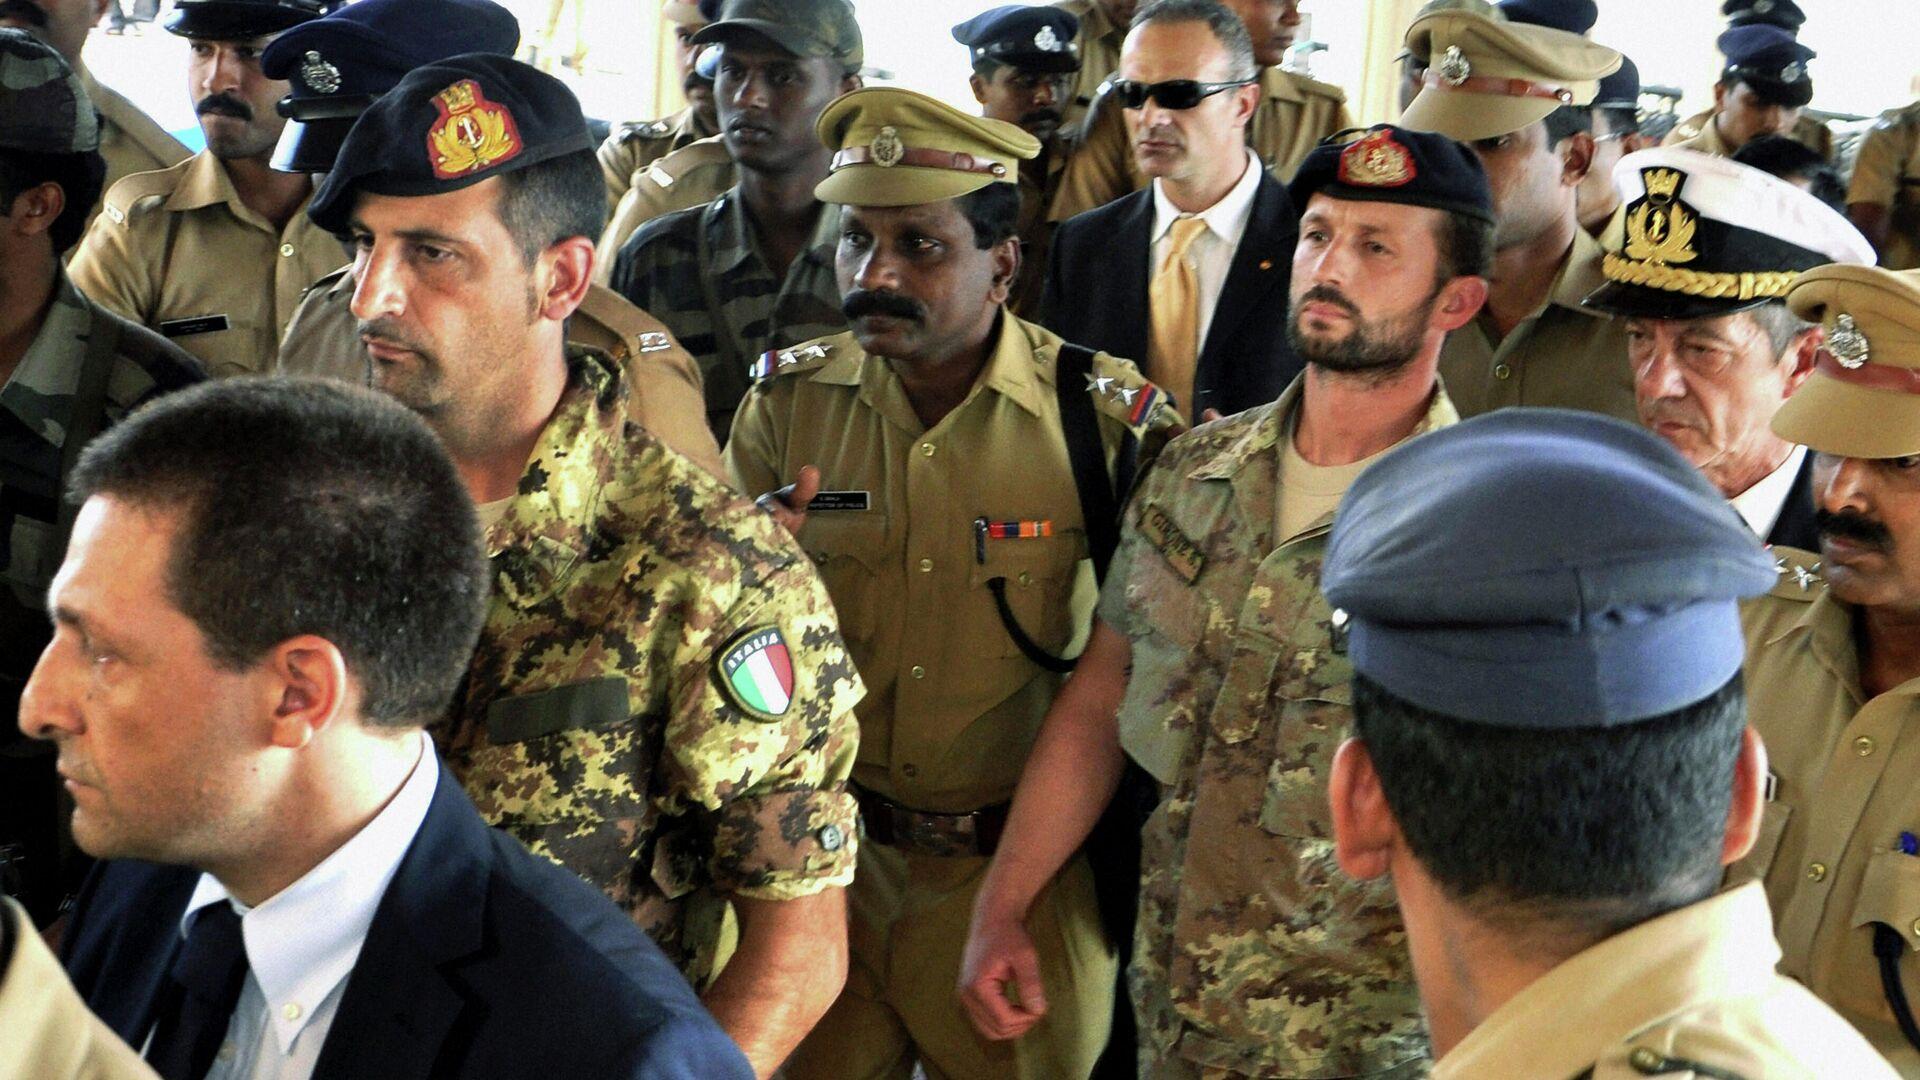 Miembros del regimiento San Marco de la Marina Militar Italiana, Massimiliano Latorre y Salvatore Girone detenidos por la policía india en febrero de 2012 - Sputnik Mundo, 1920, 15.06.2021